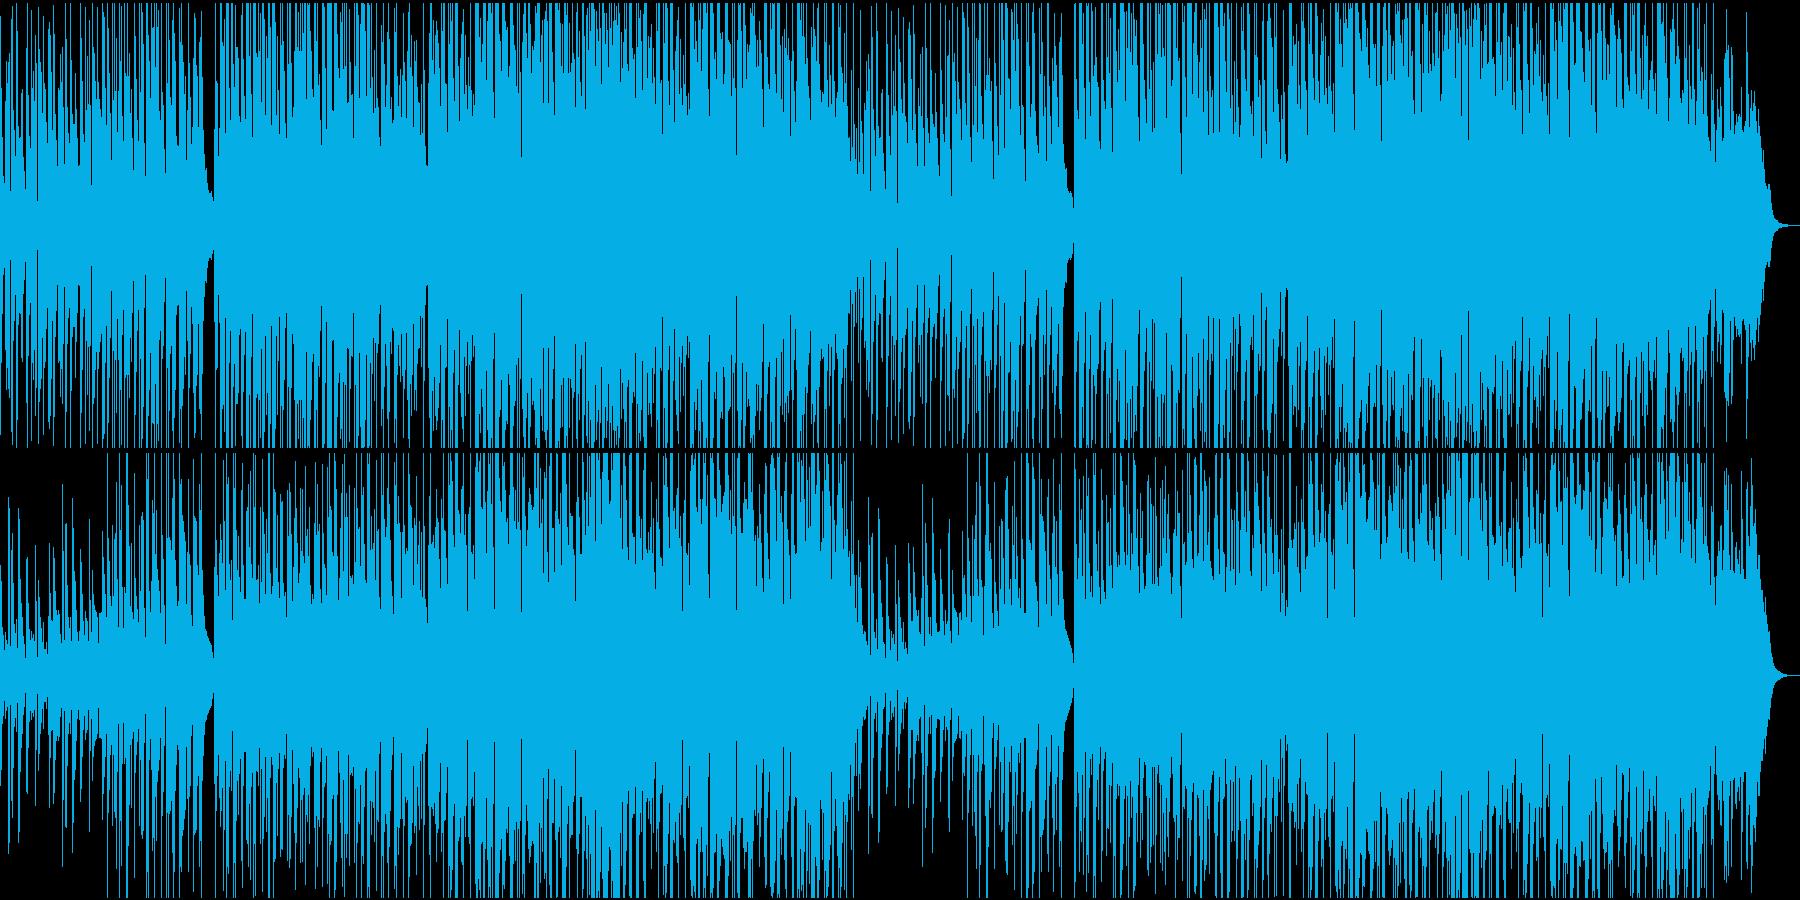 ゆったりとしたボサノバ02の再生済みの波形